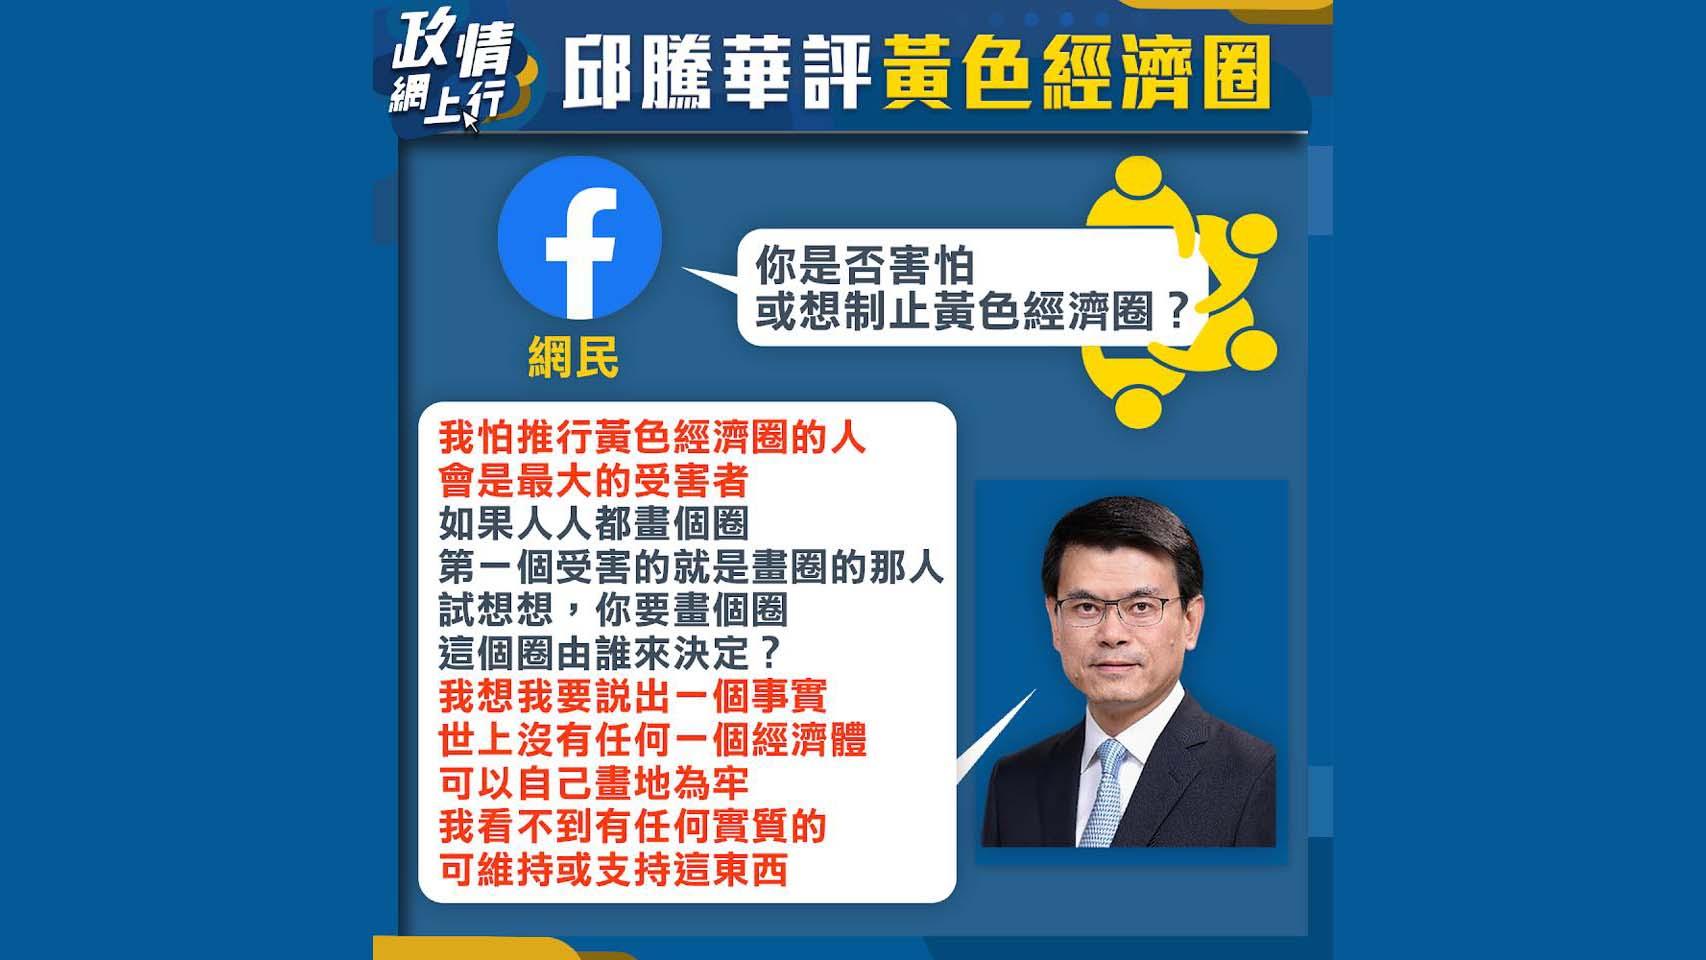 【政情網上行】邱騰華評黃色經濟圈